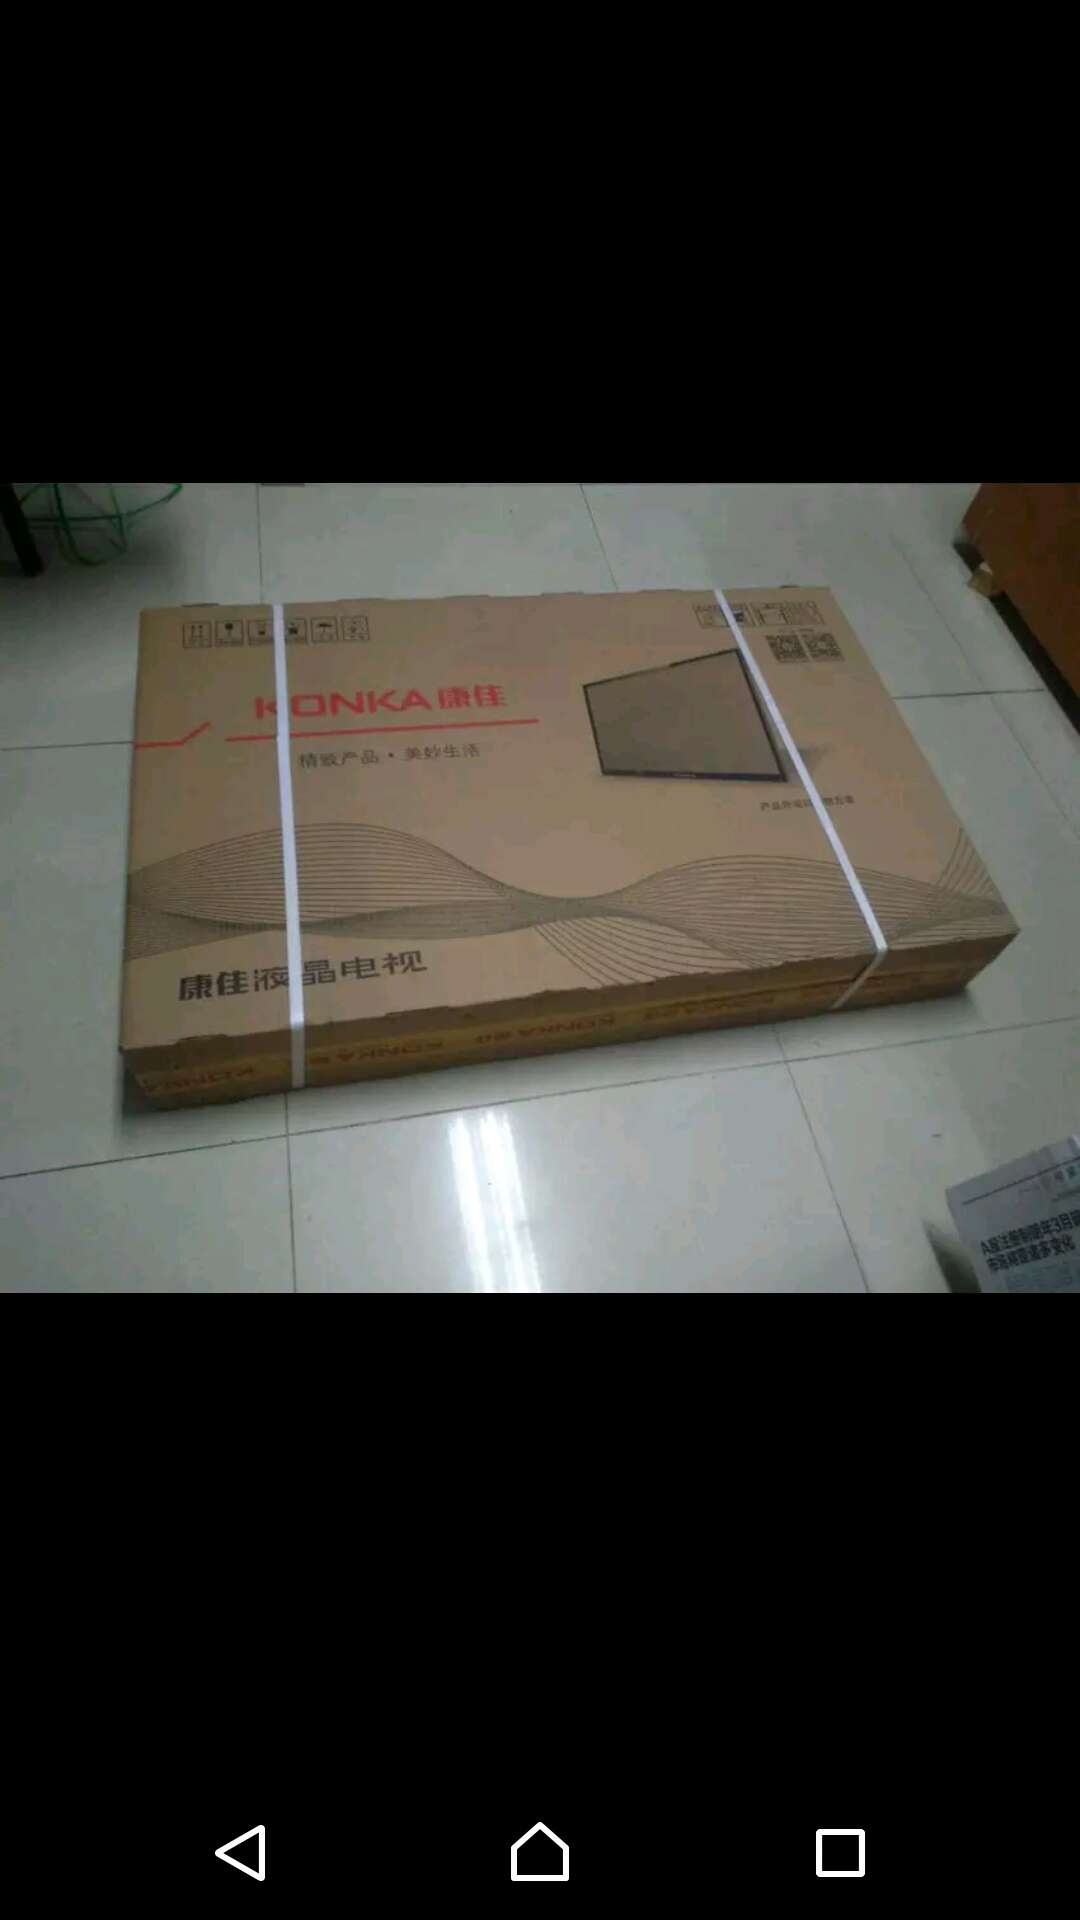 pumps shoes 00270775 cheapestonline